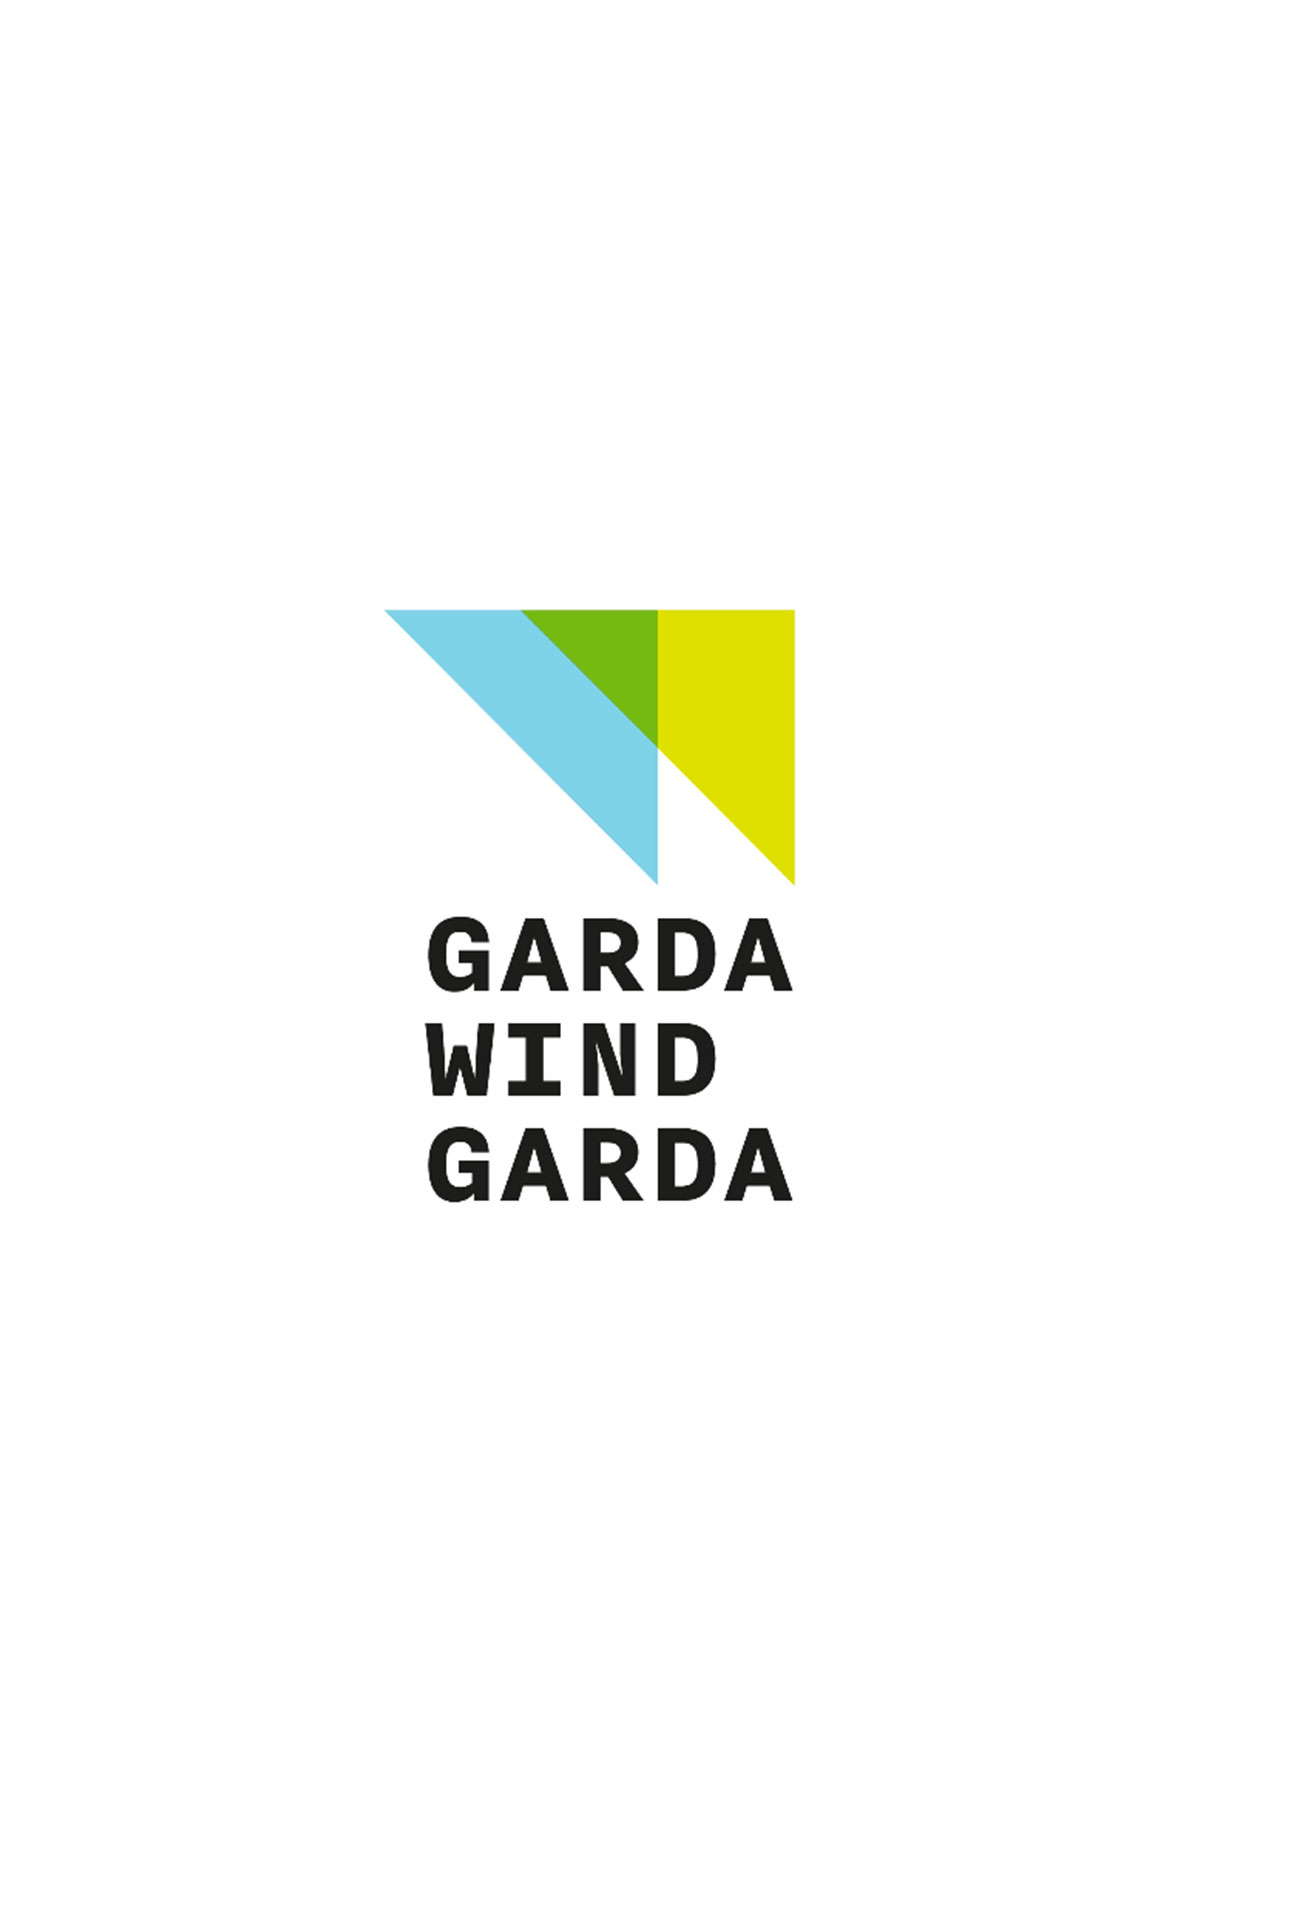 garda_wind_garda.jpg_p